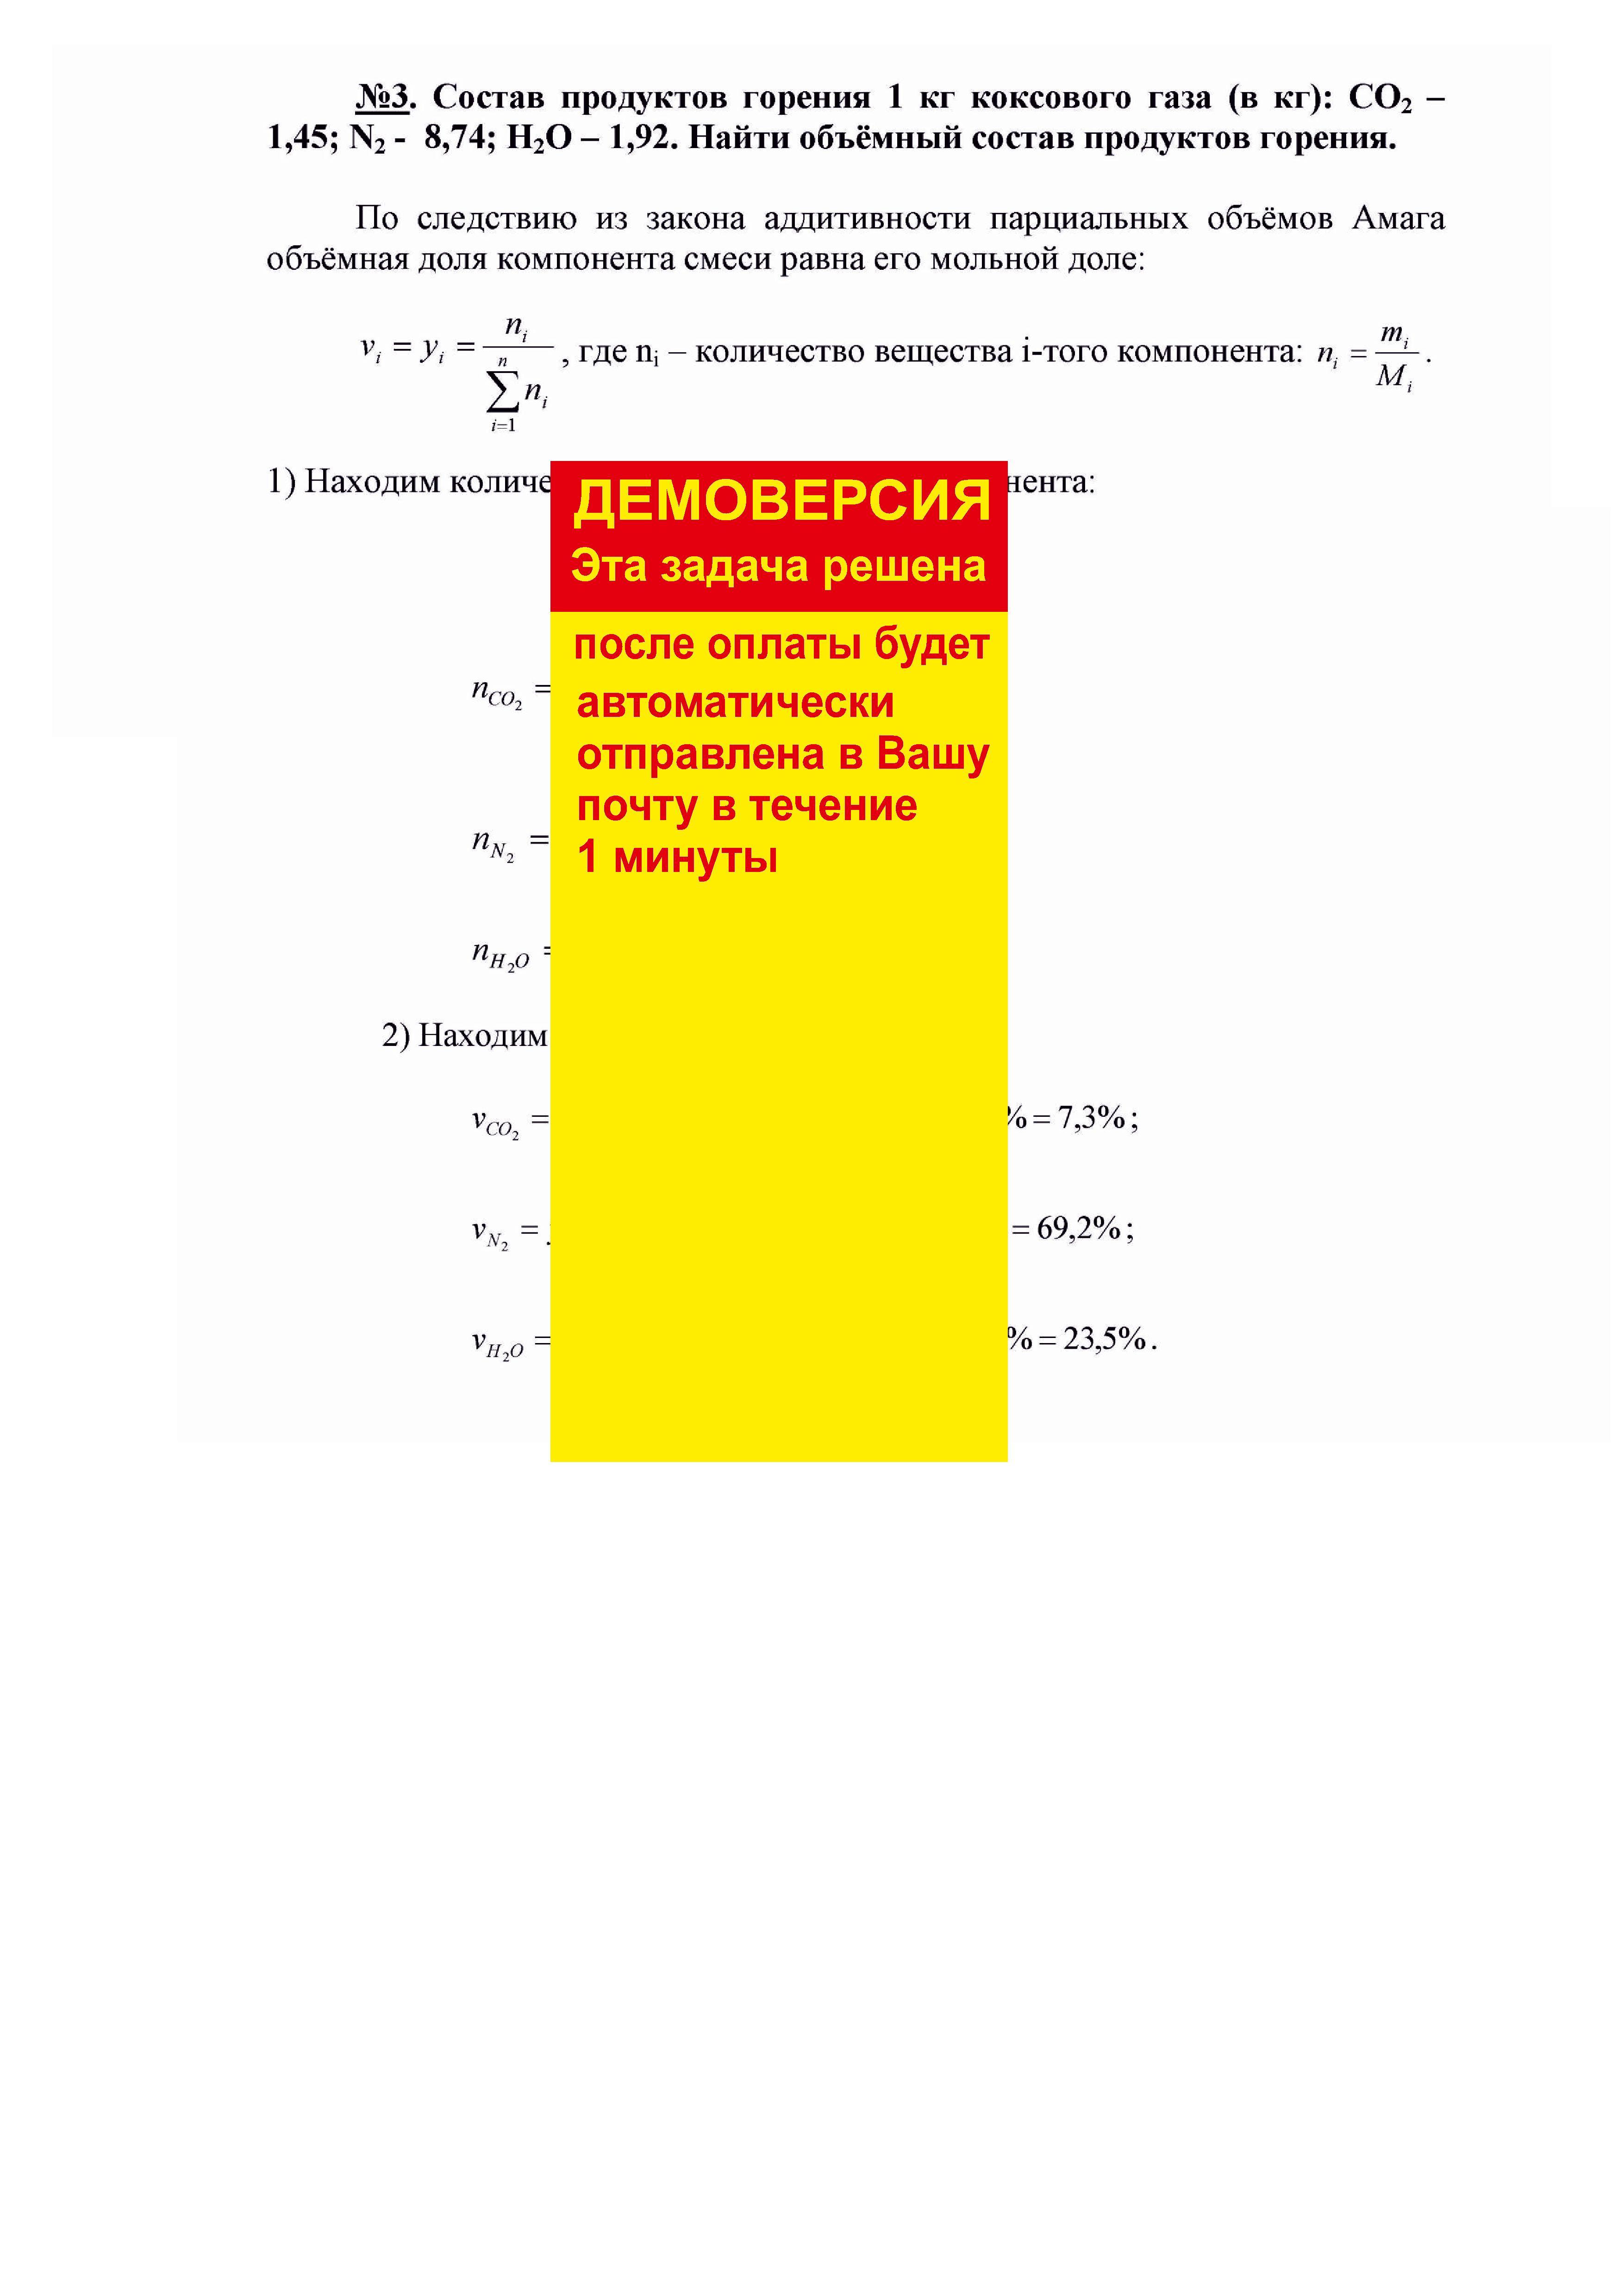 Решение задачи 1.3 по ПАХТ из задачника Павлова Романкова Носкова